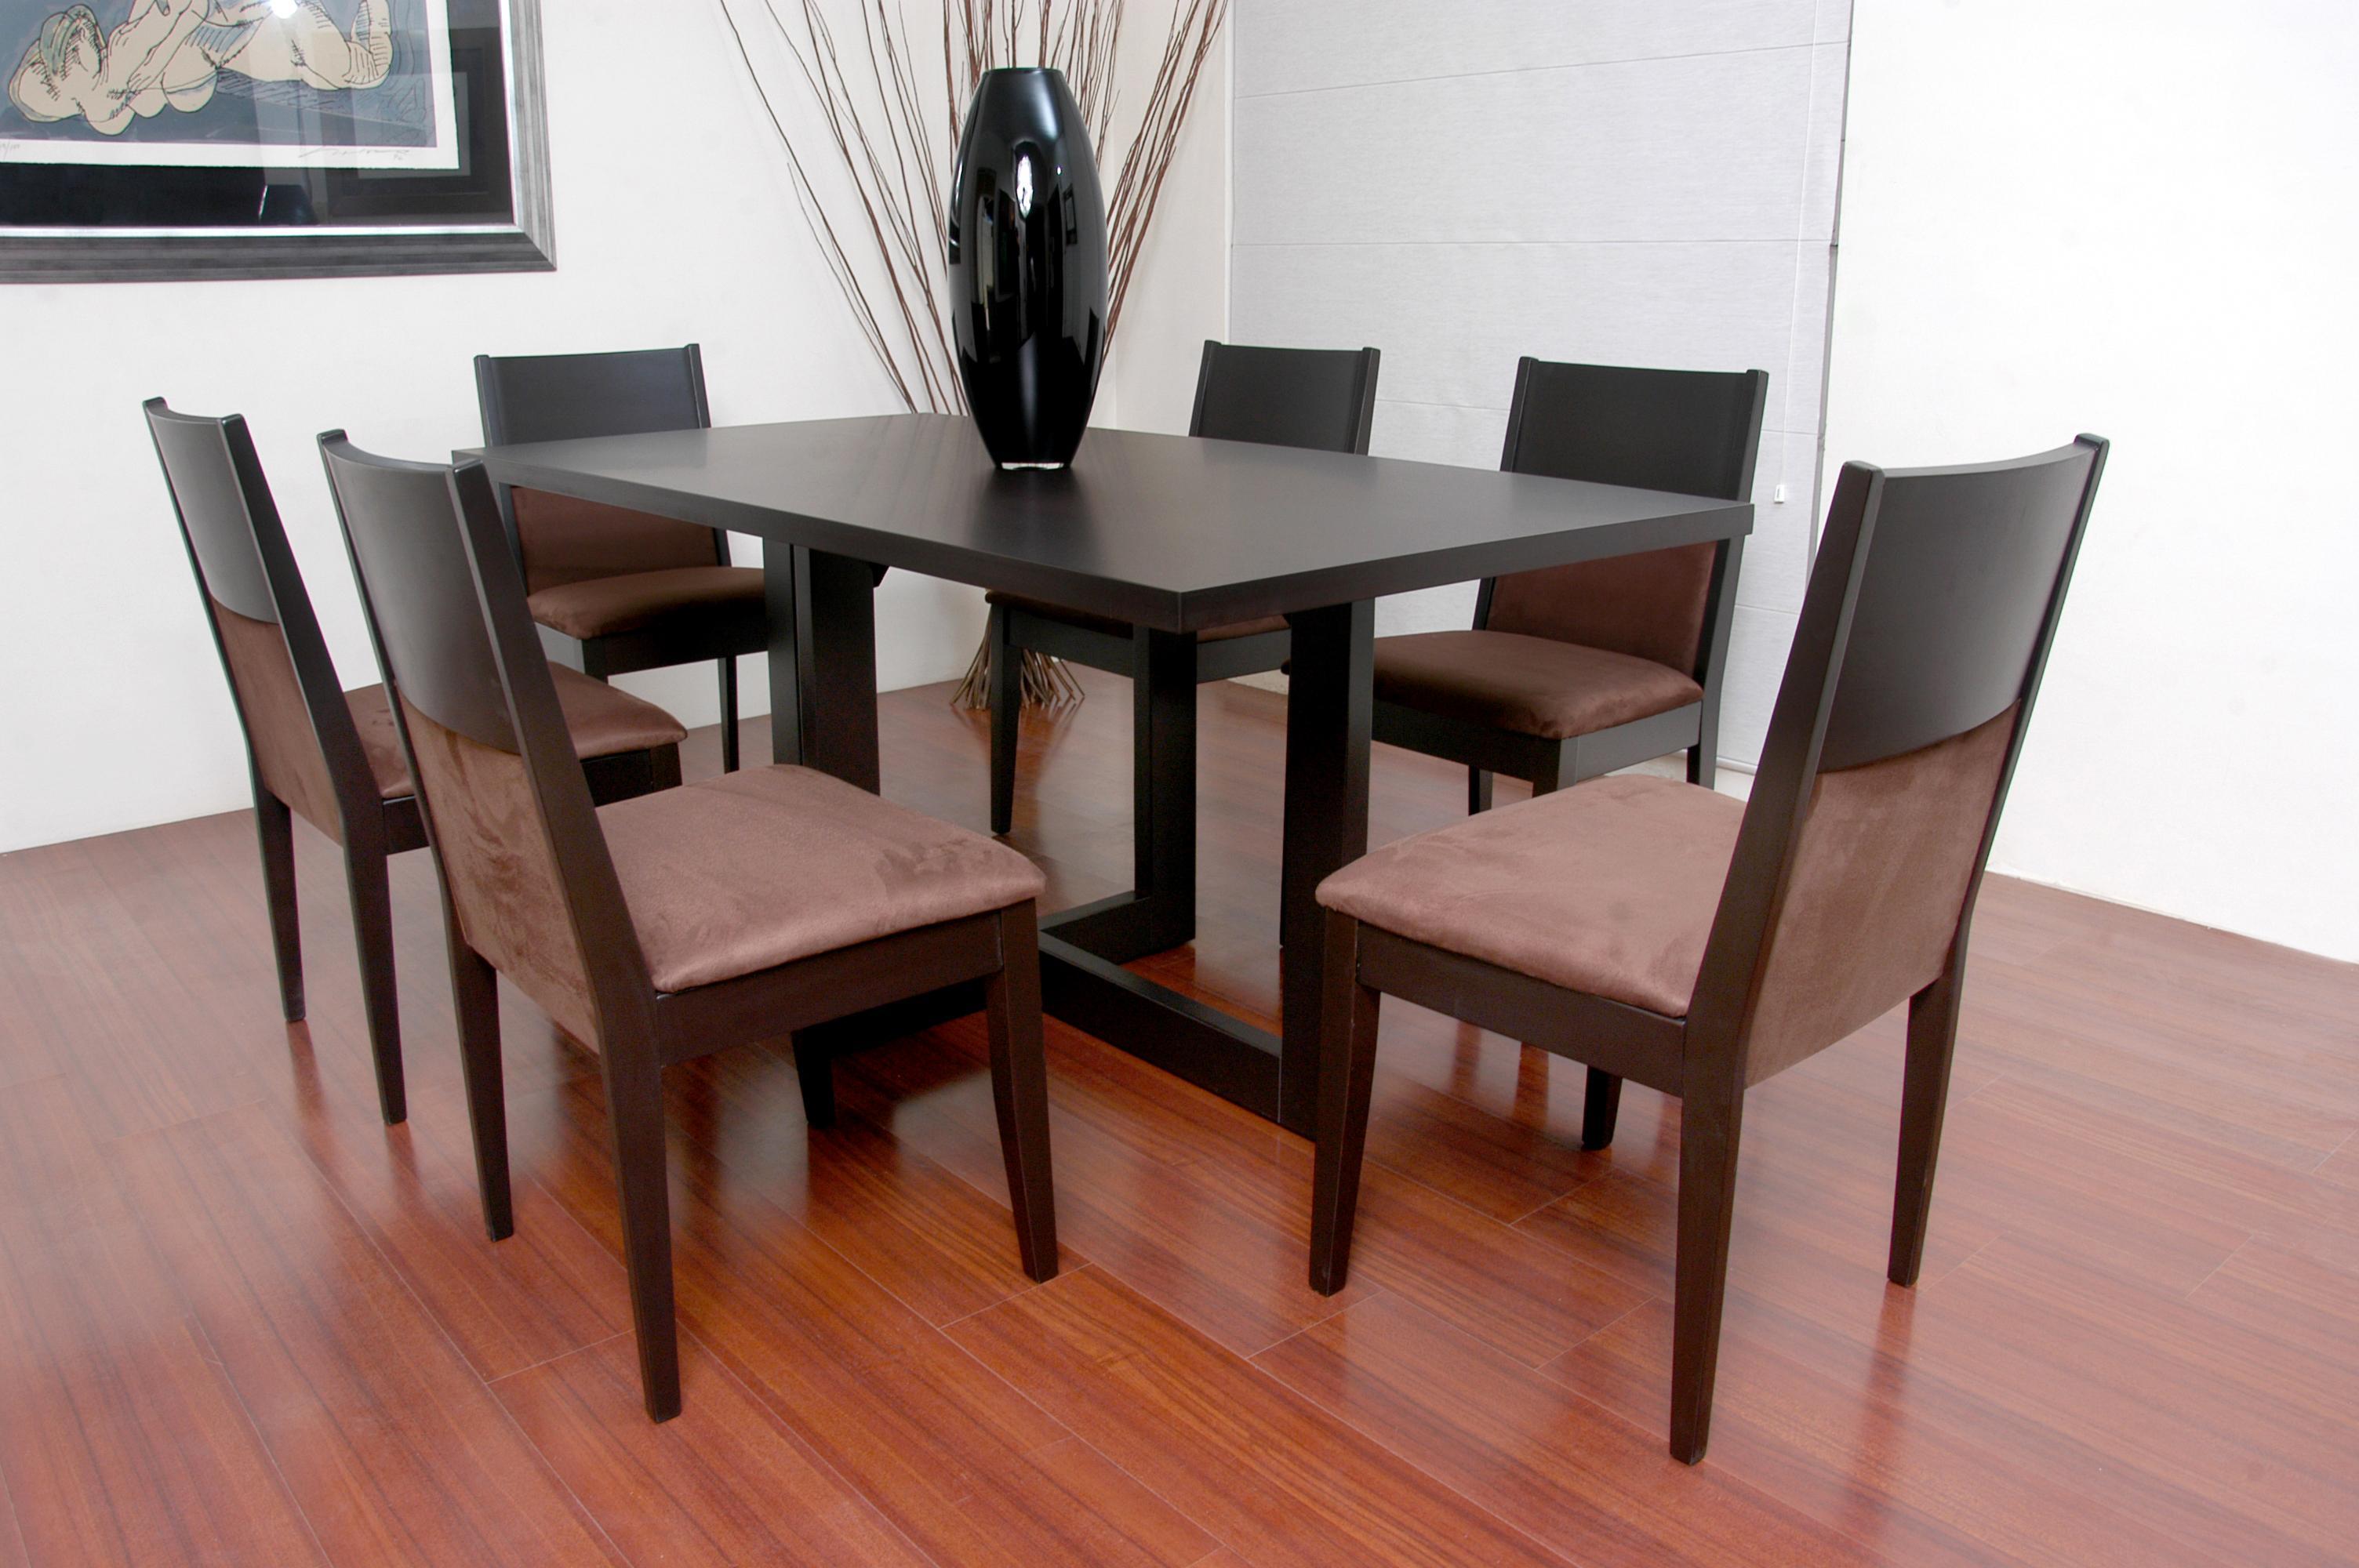 Antecomedor siena - Mesa comedor 6 sillas ...